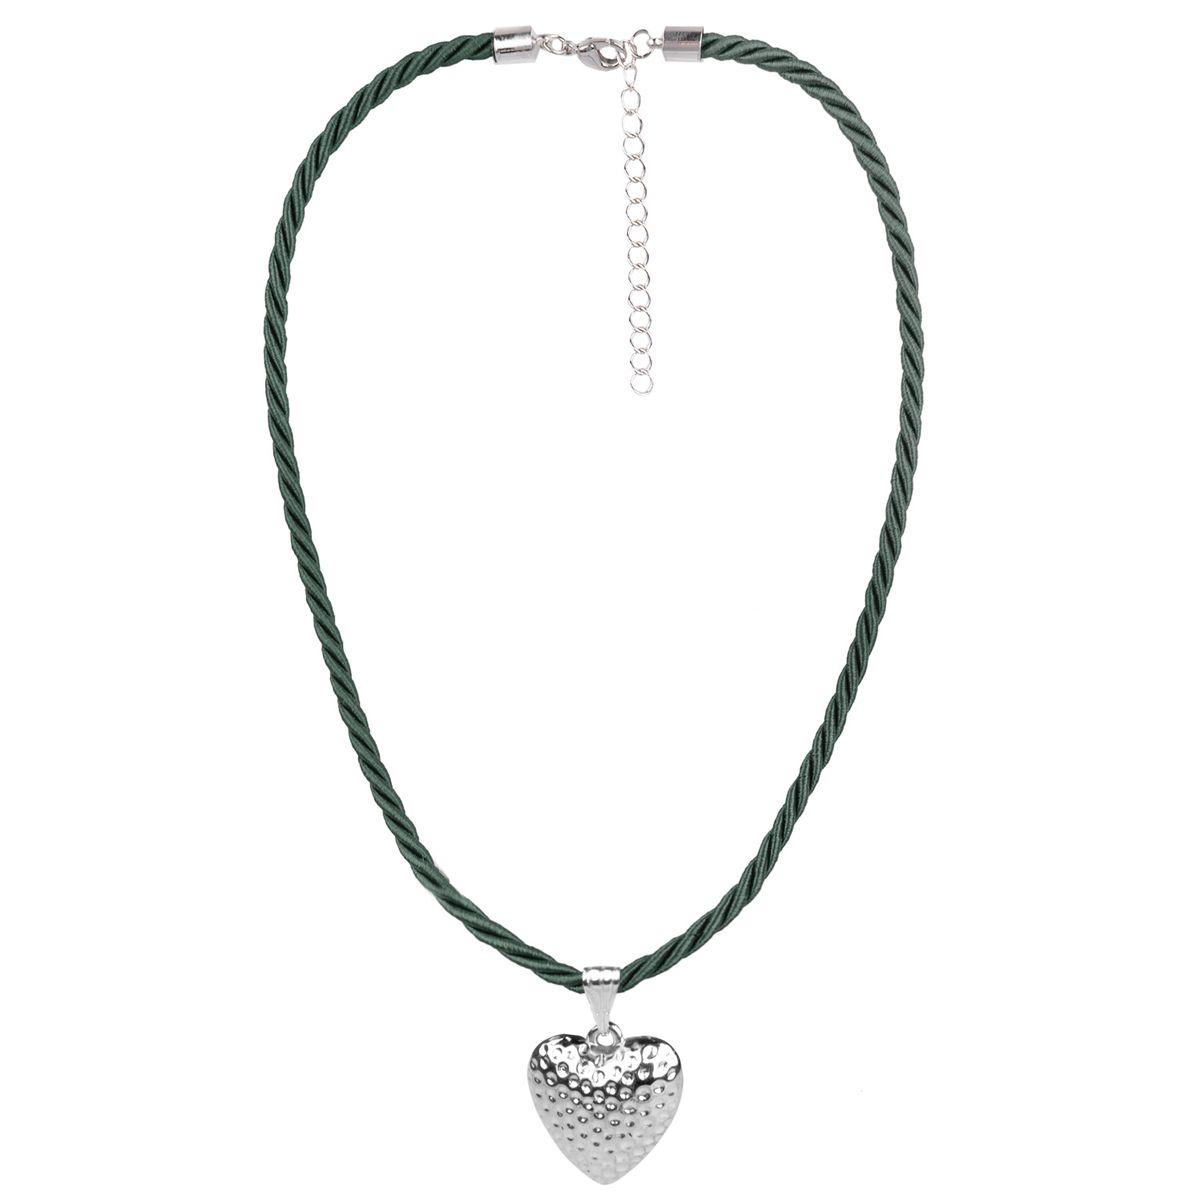 Kordelkette in Dunkelgrün mit kleinem Herz von Schlick Accessories